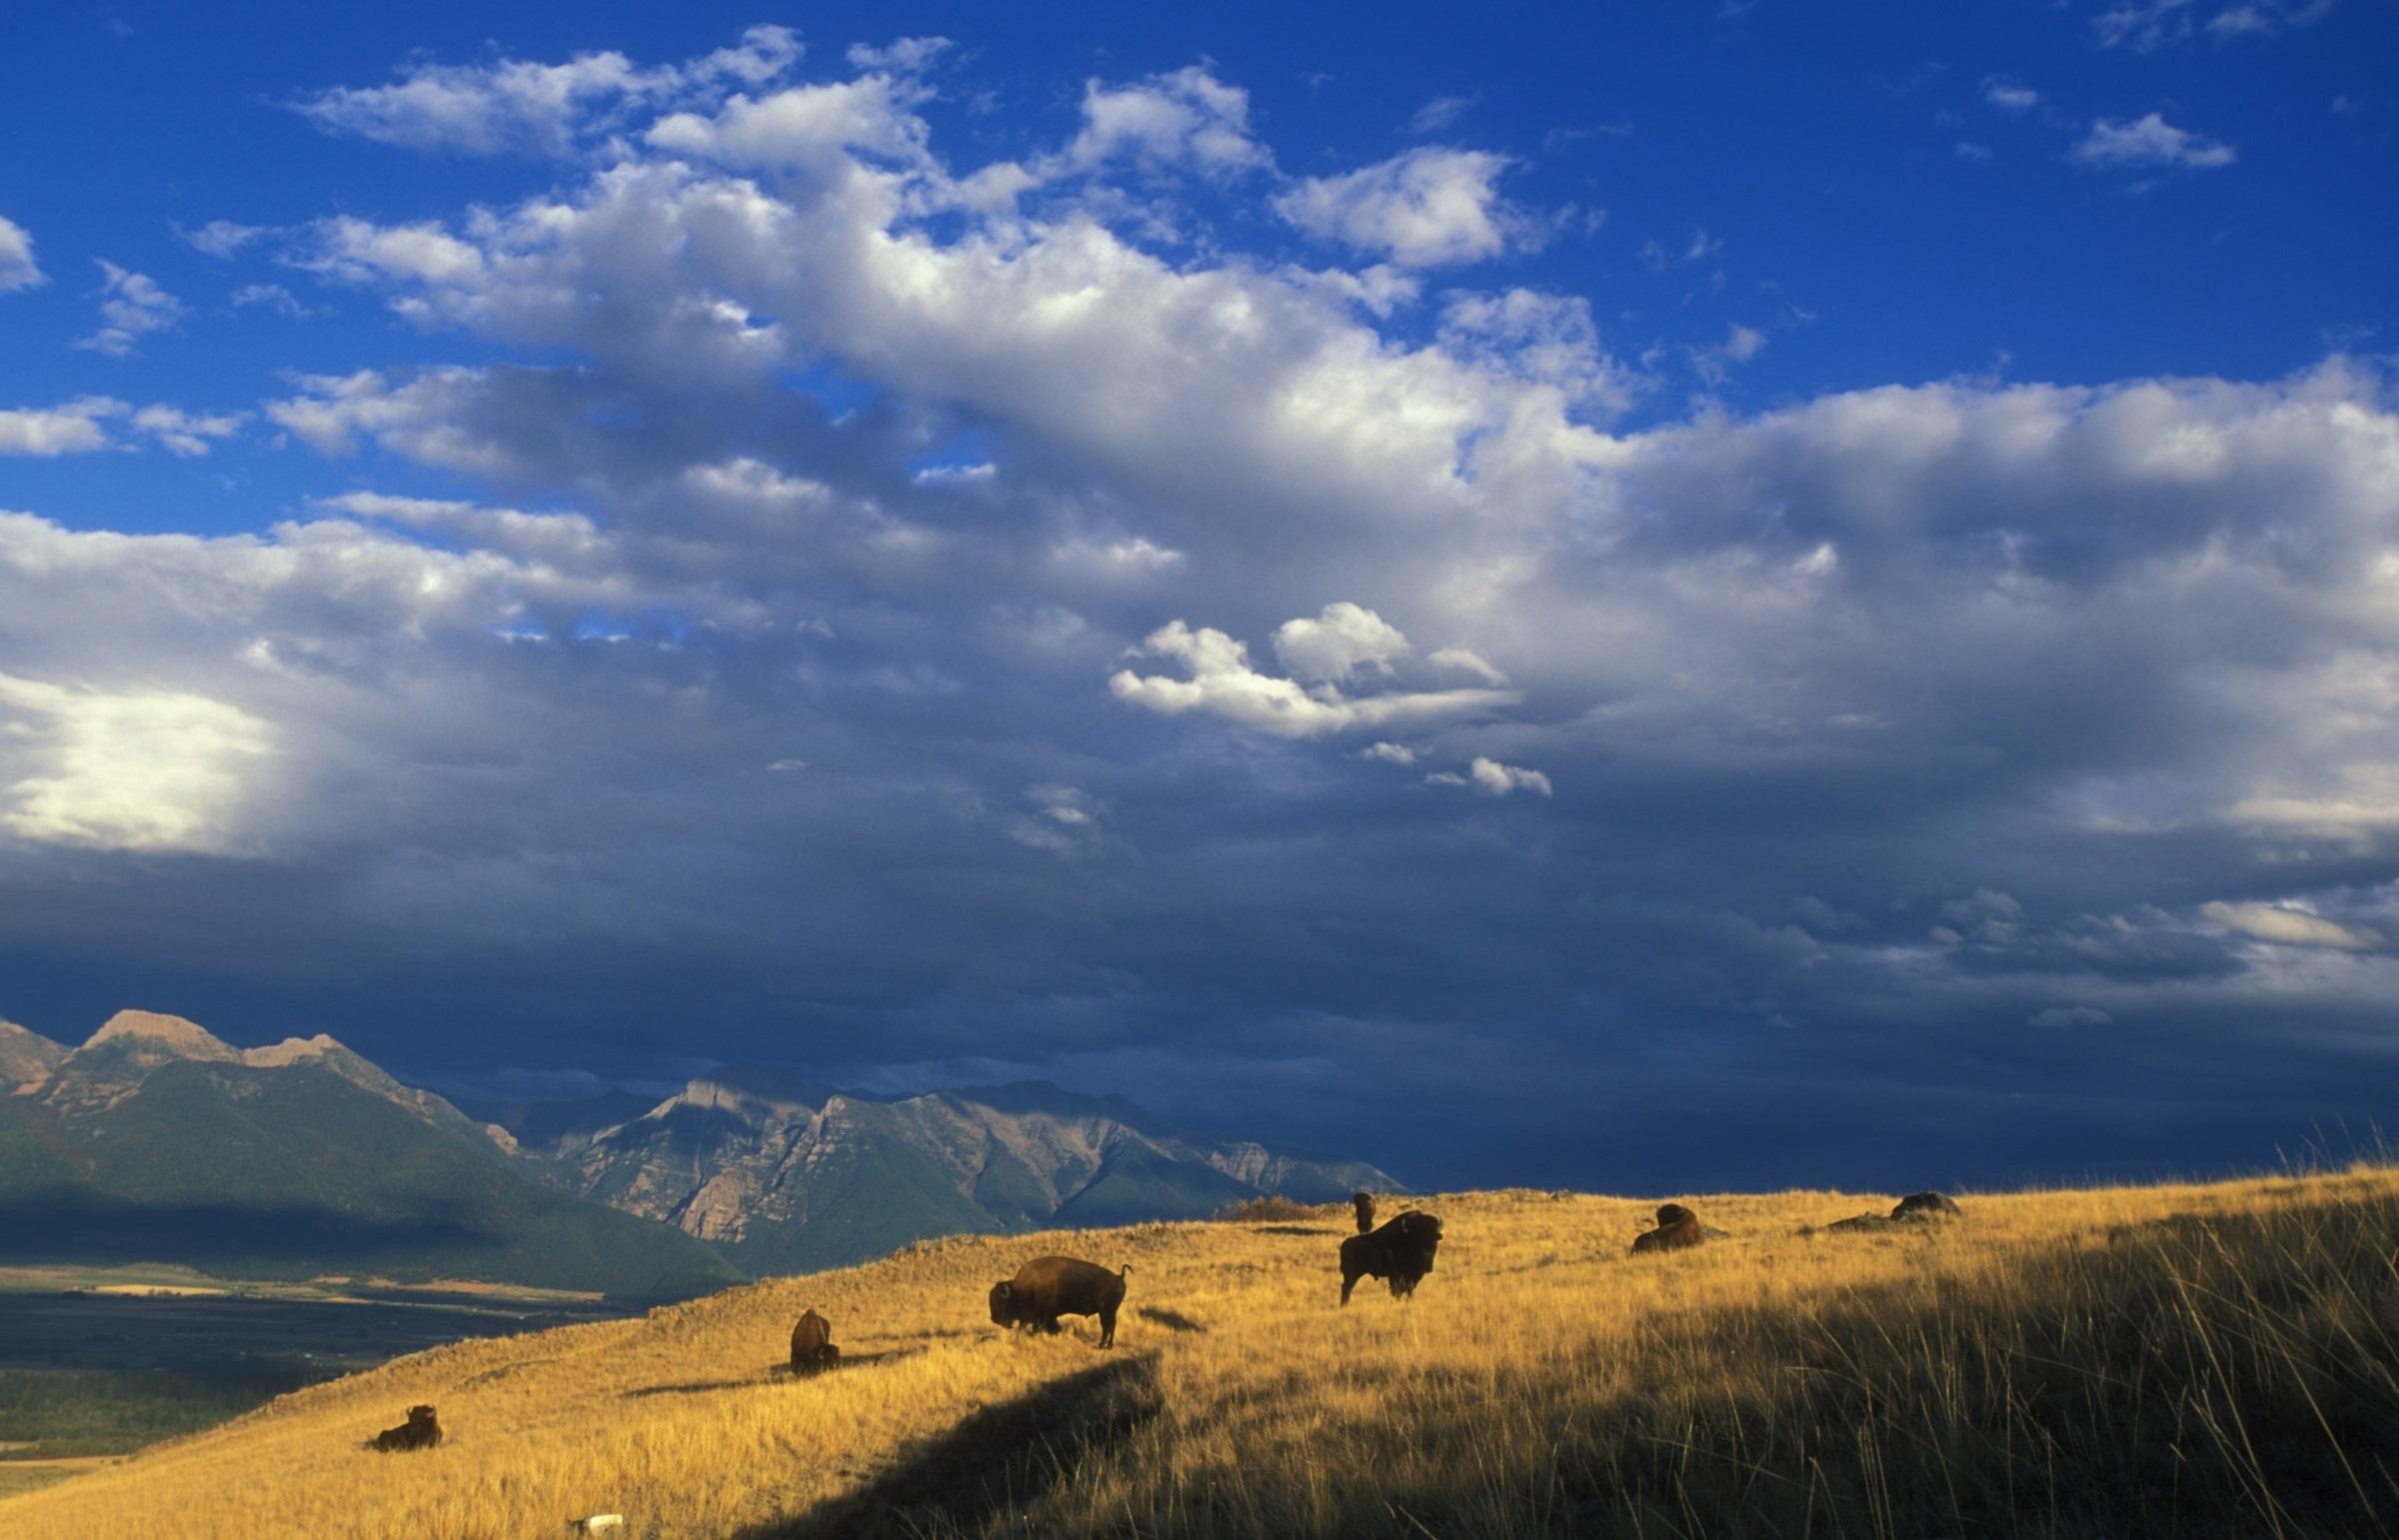 Wild bison photo